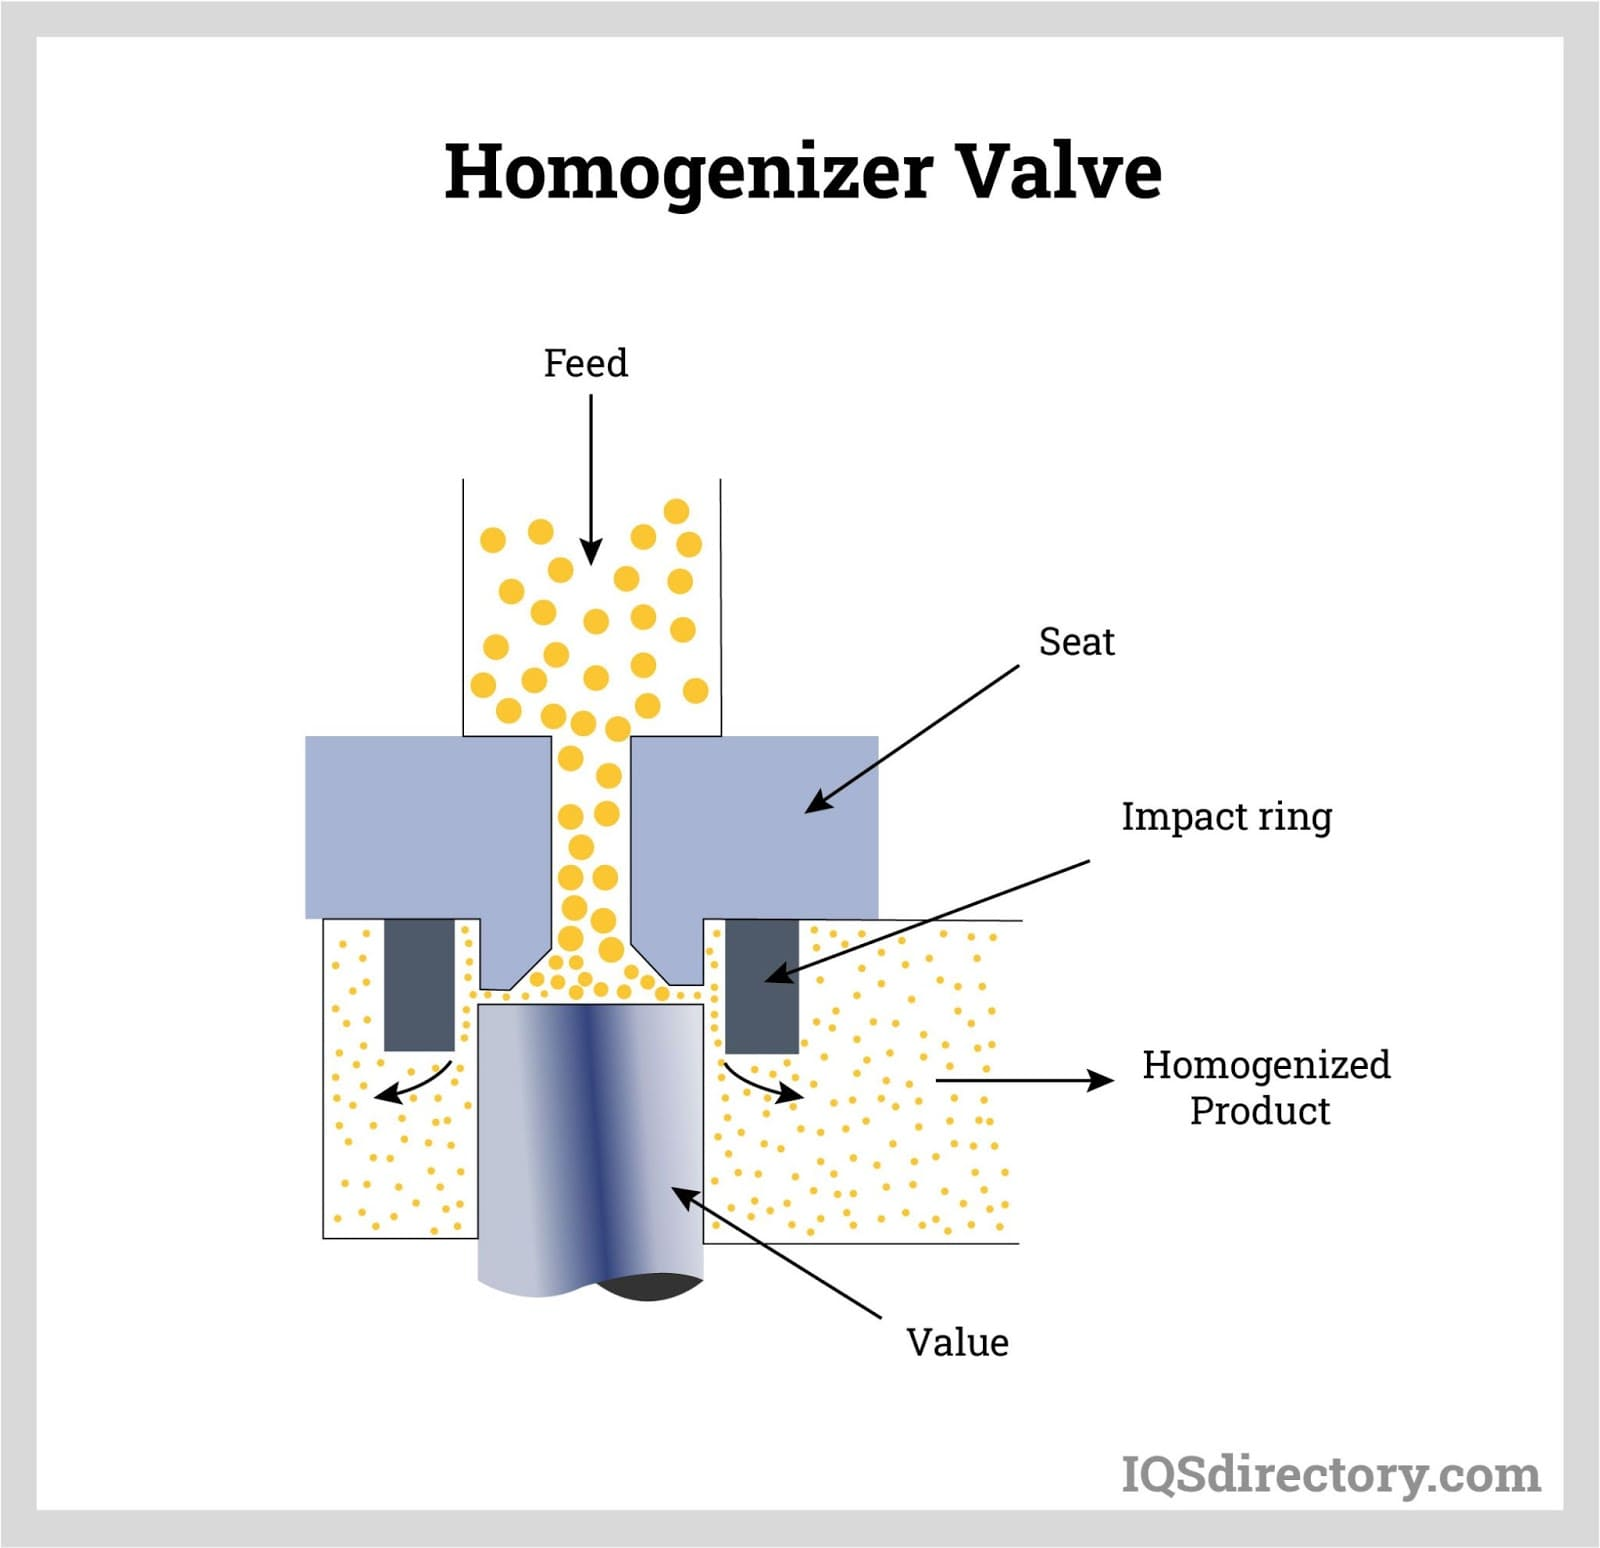 Homogenizer Valve